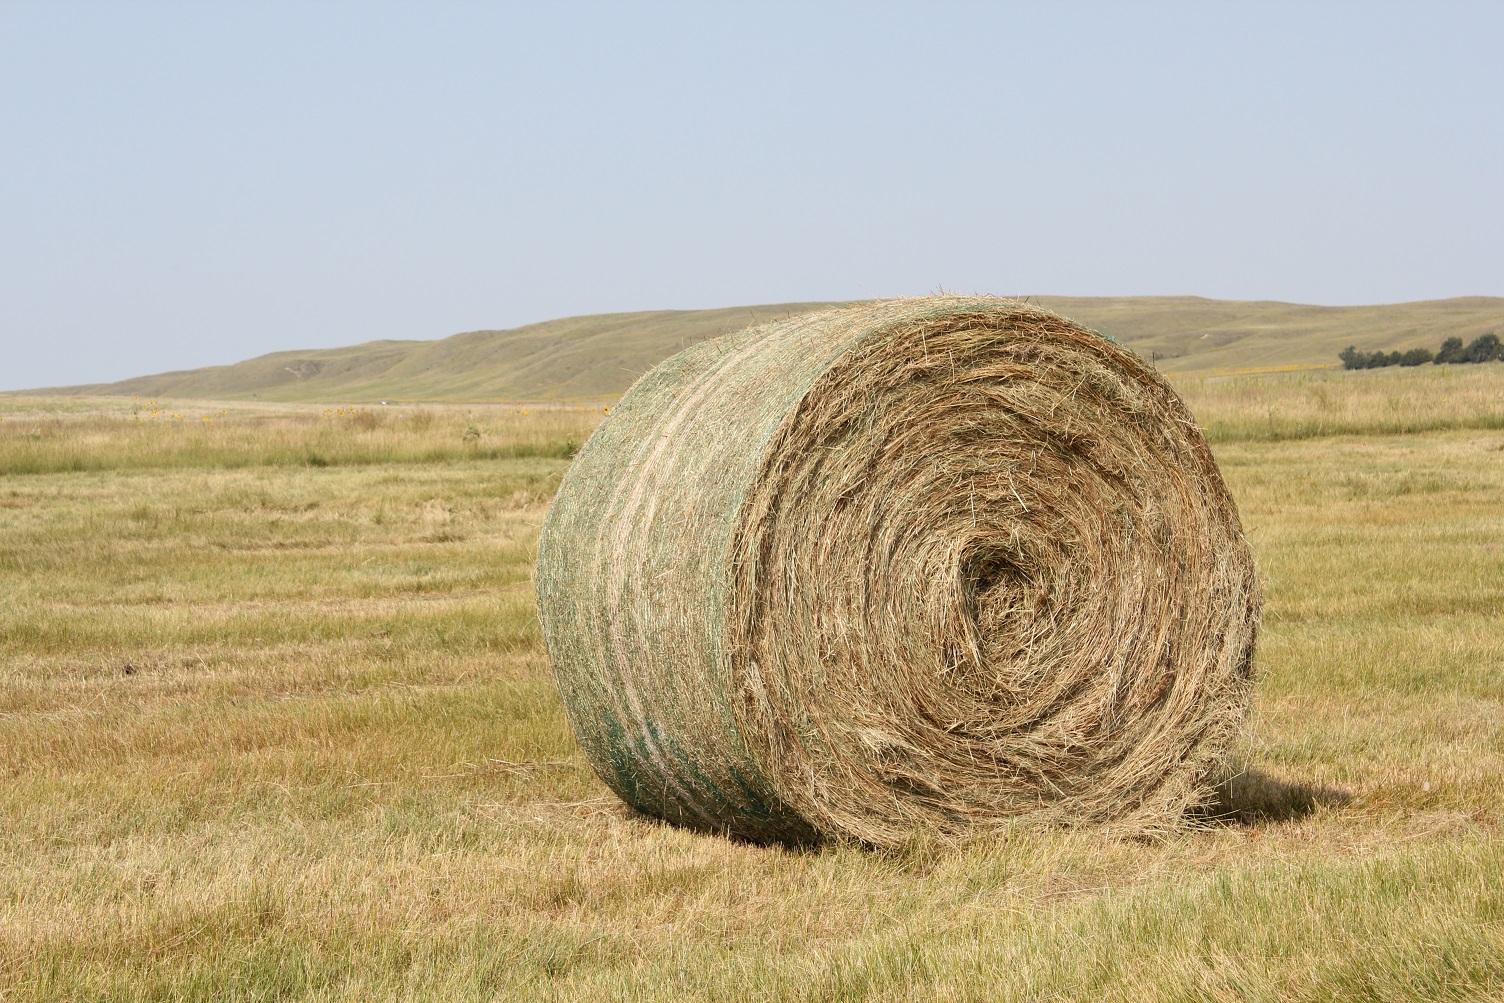 Bale of prairie hay